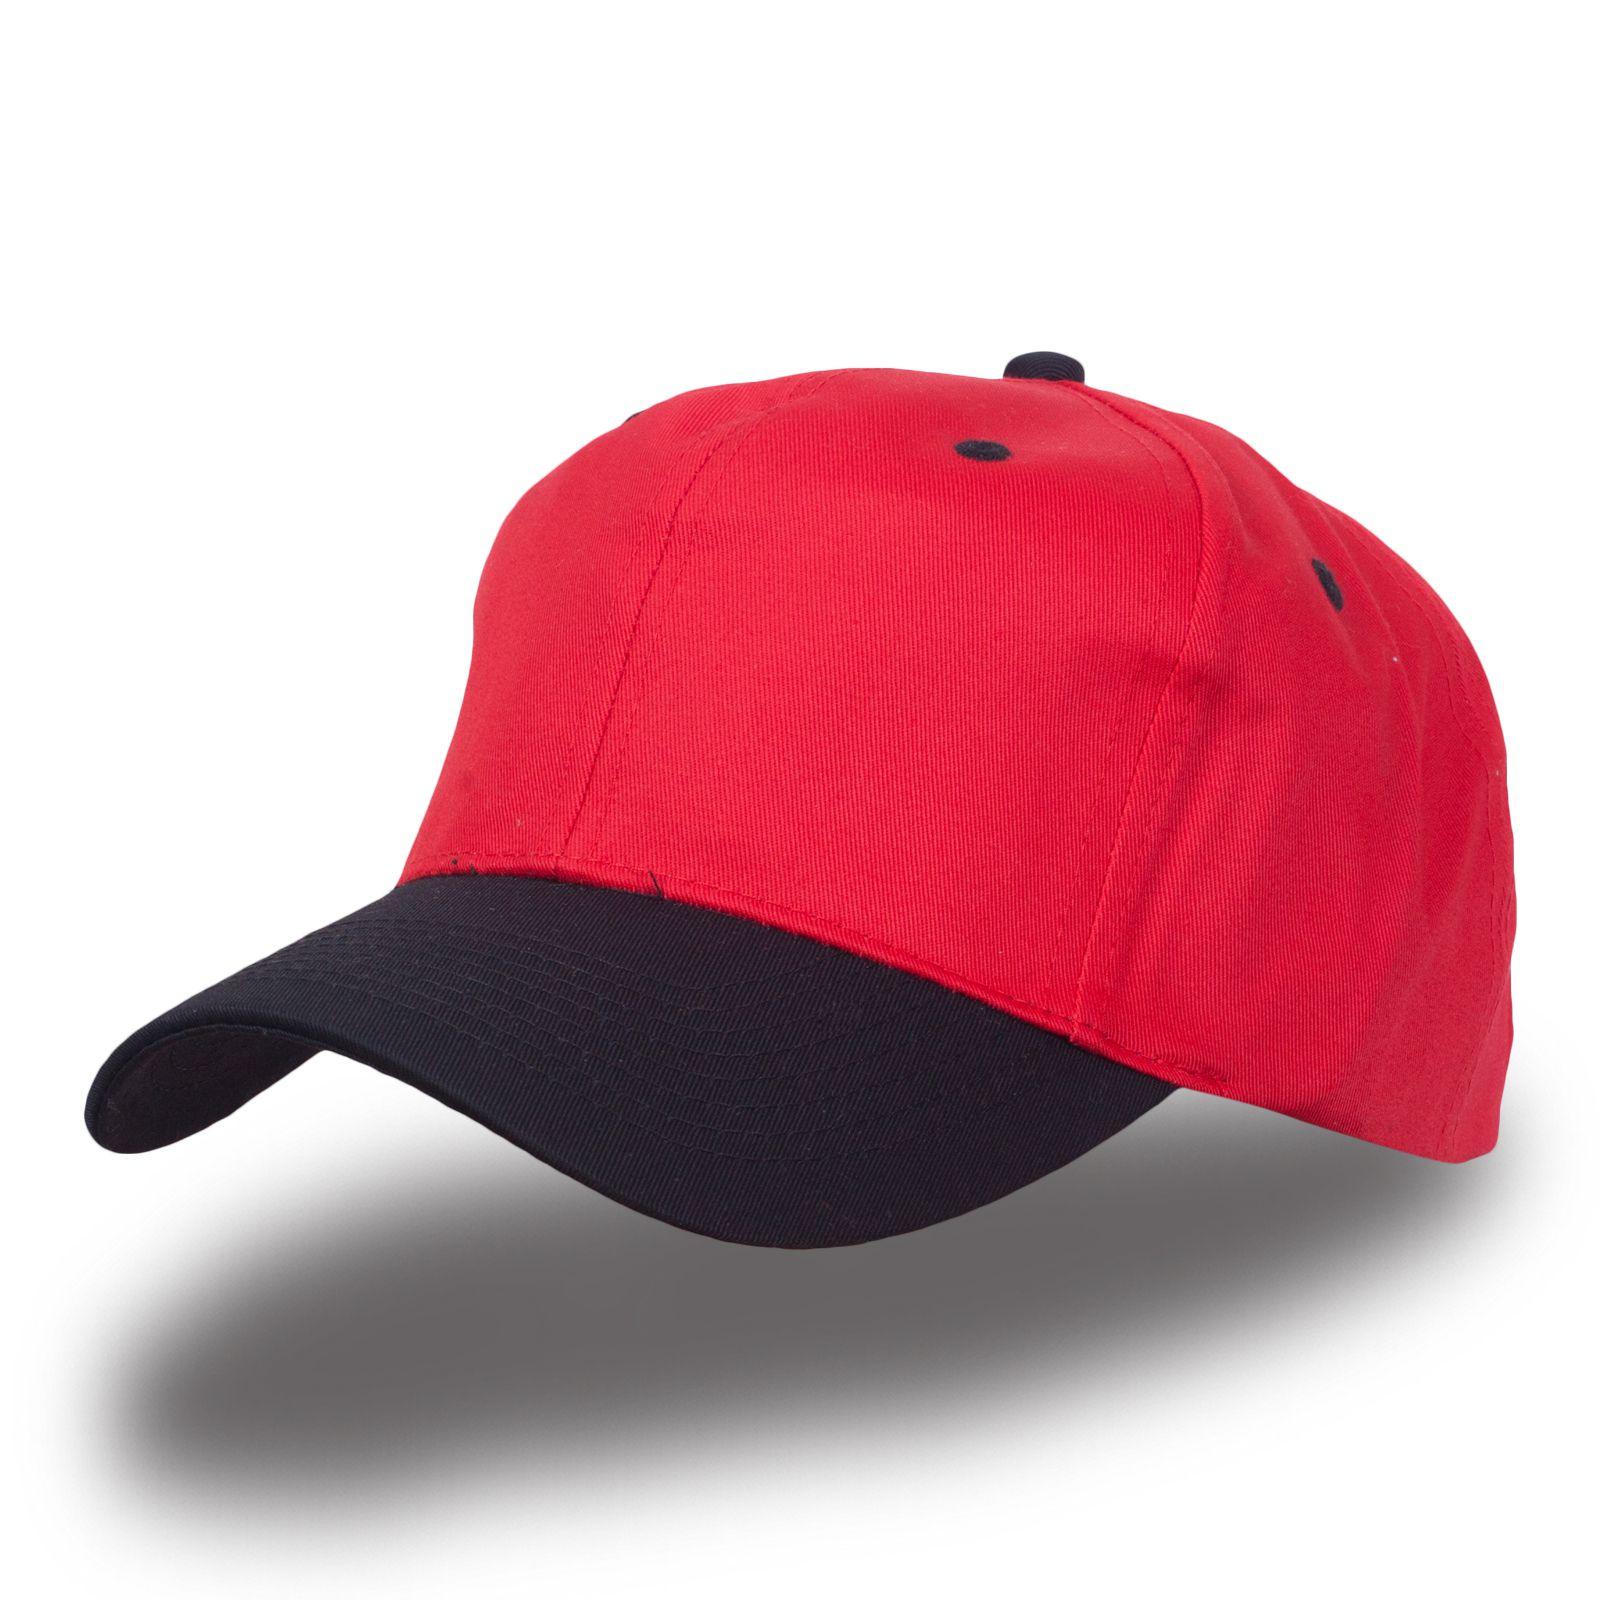 Красная кепка бейсболка - купить в интернет-магазине с доставкой